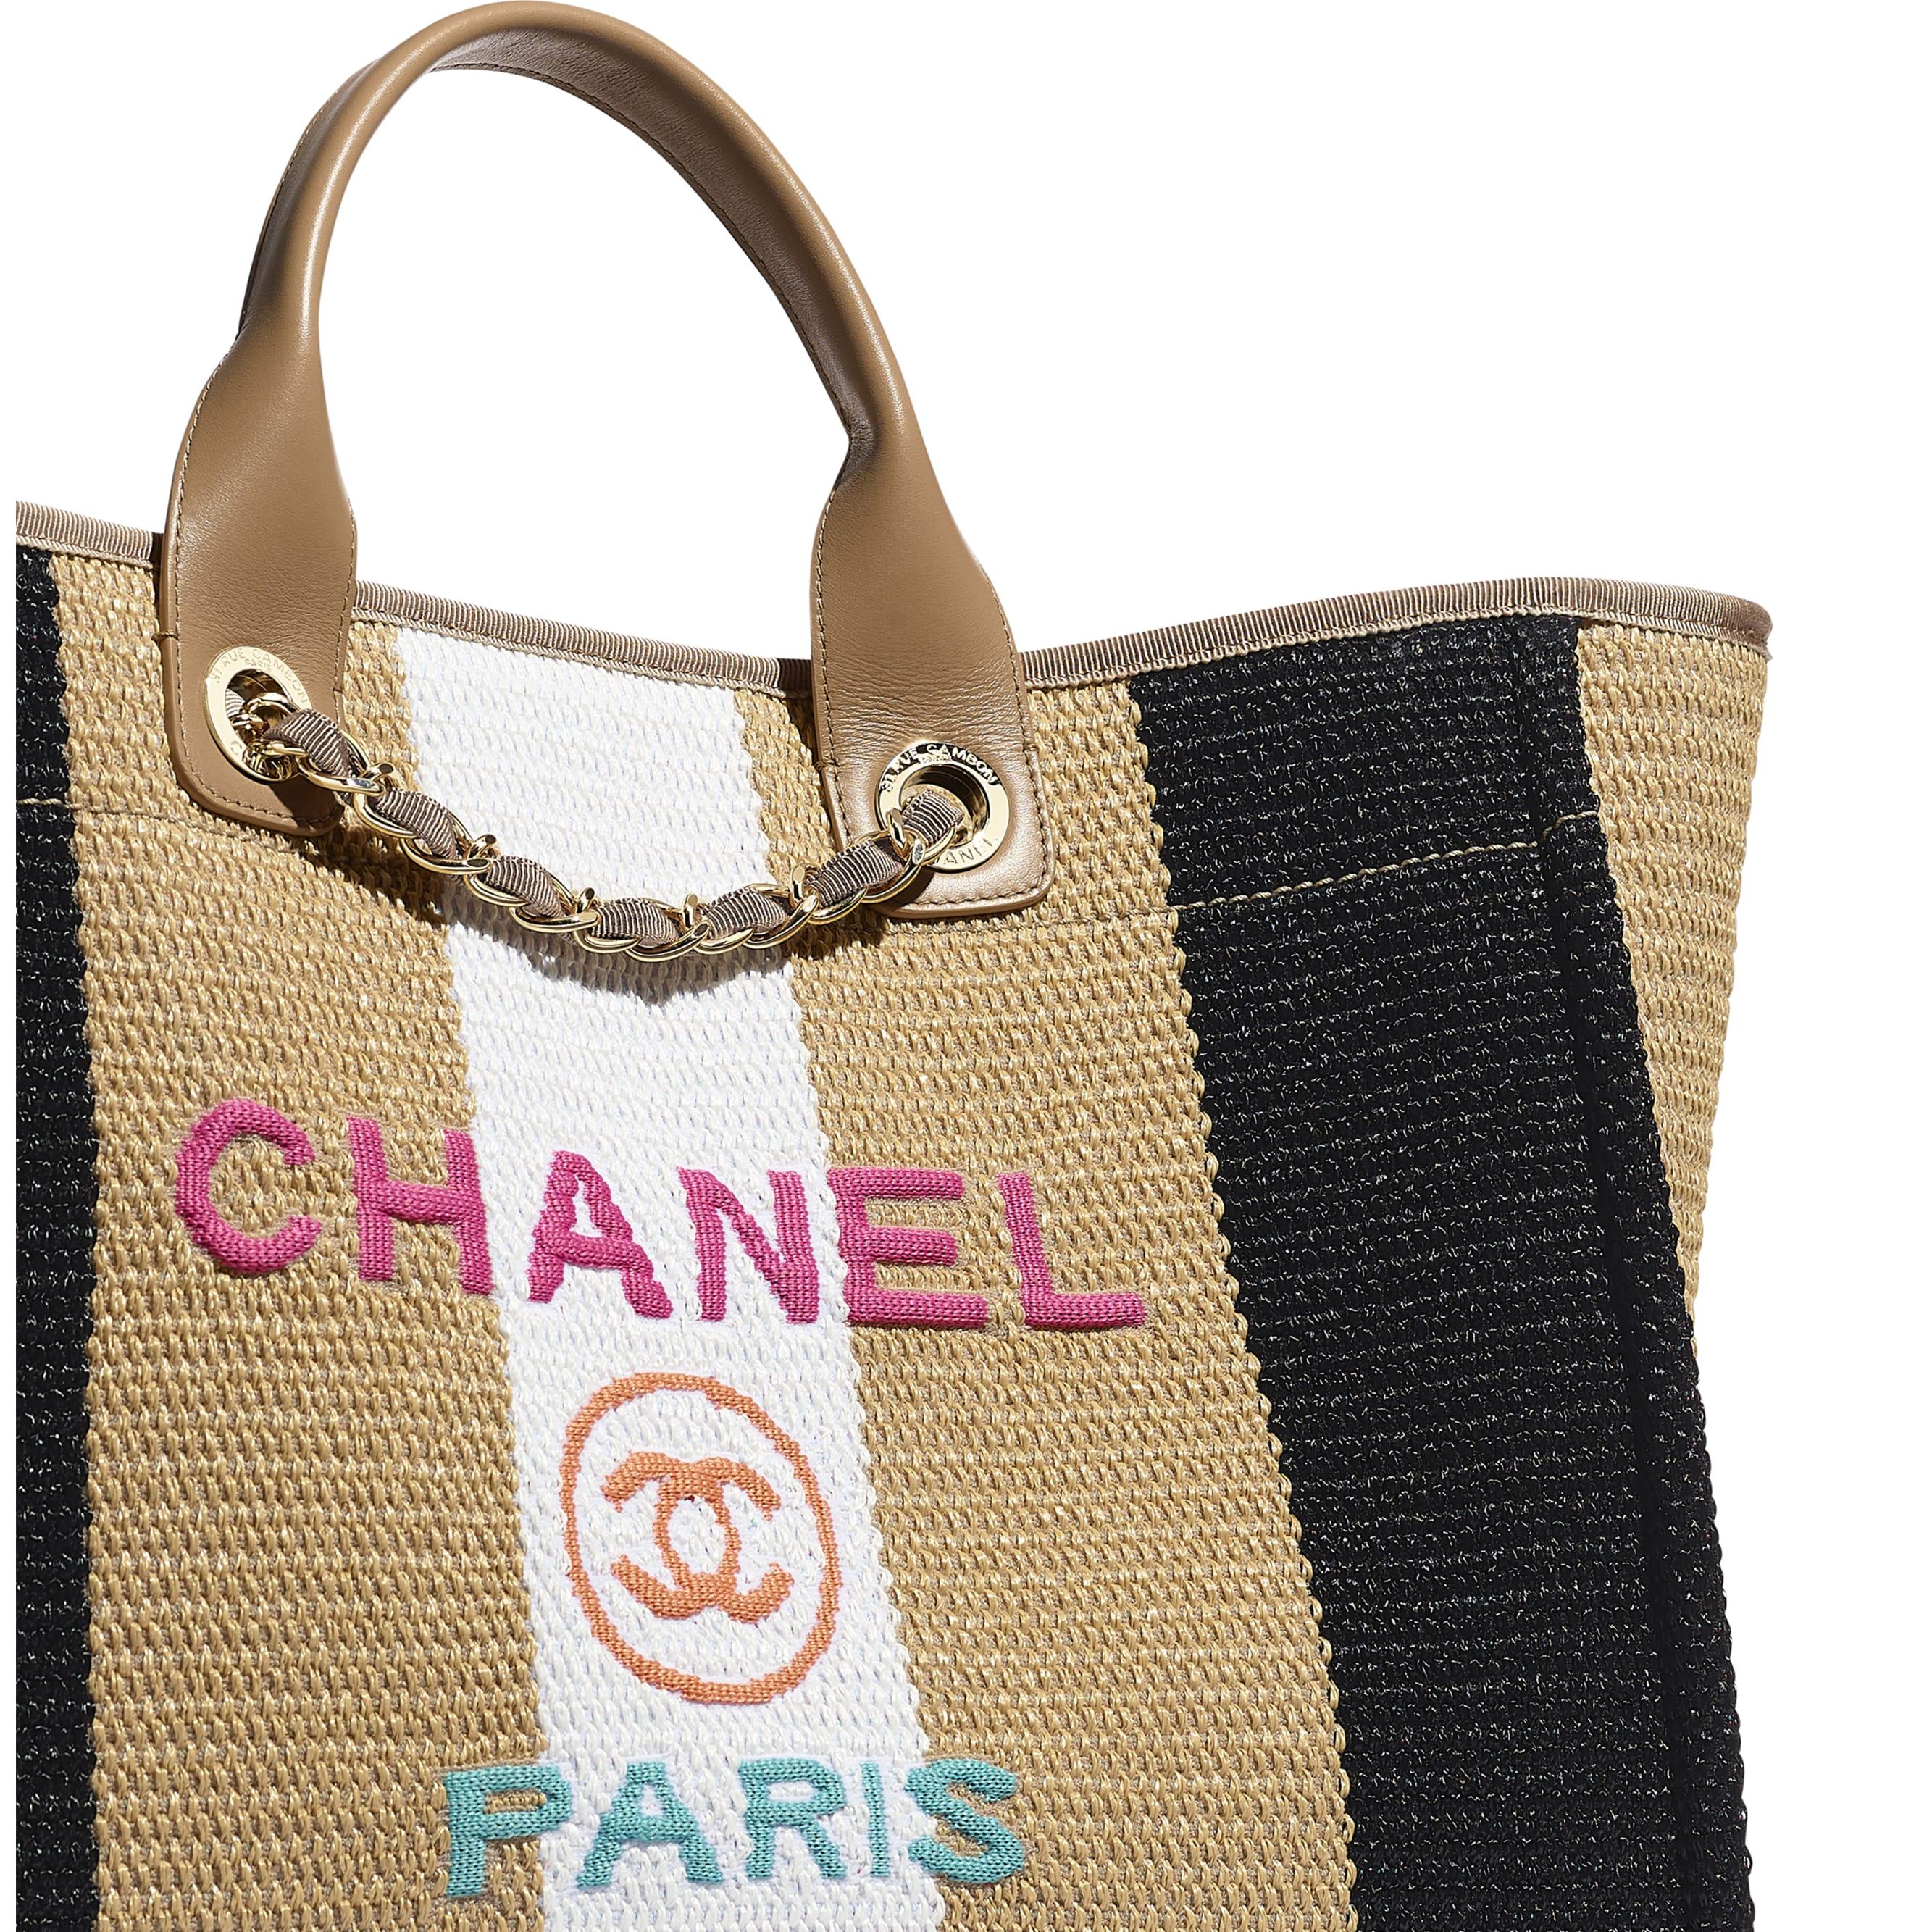 購物包 - 米、黑 & 象牙白 - 人造絲、小牛皮 & 金色金屬 - 額外視圖 - 查看標準尺寸版本